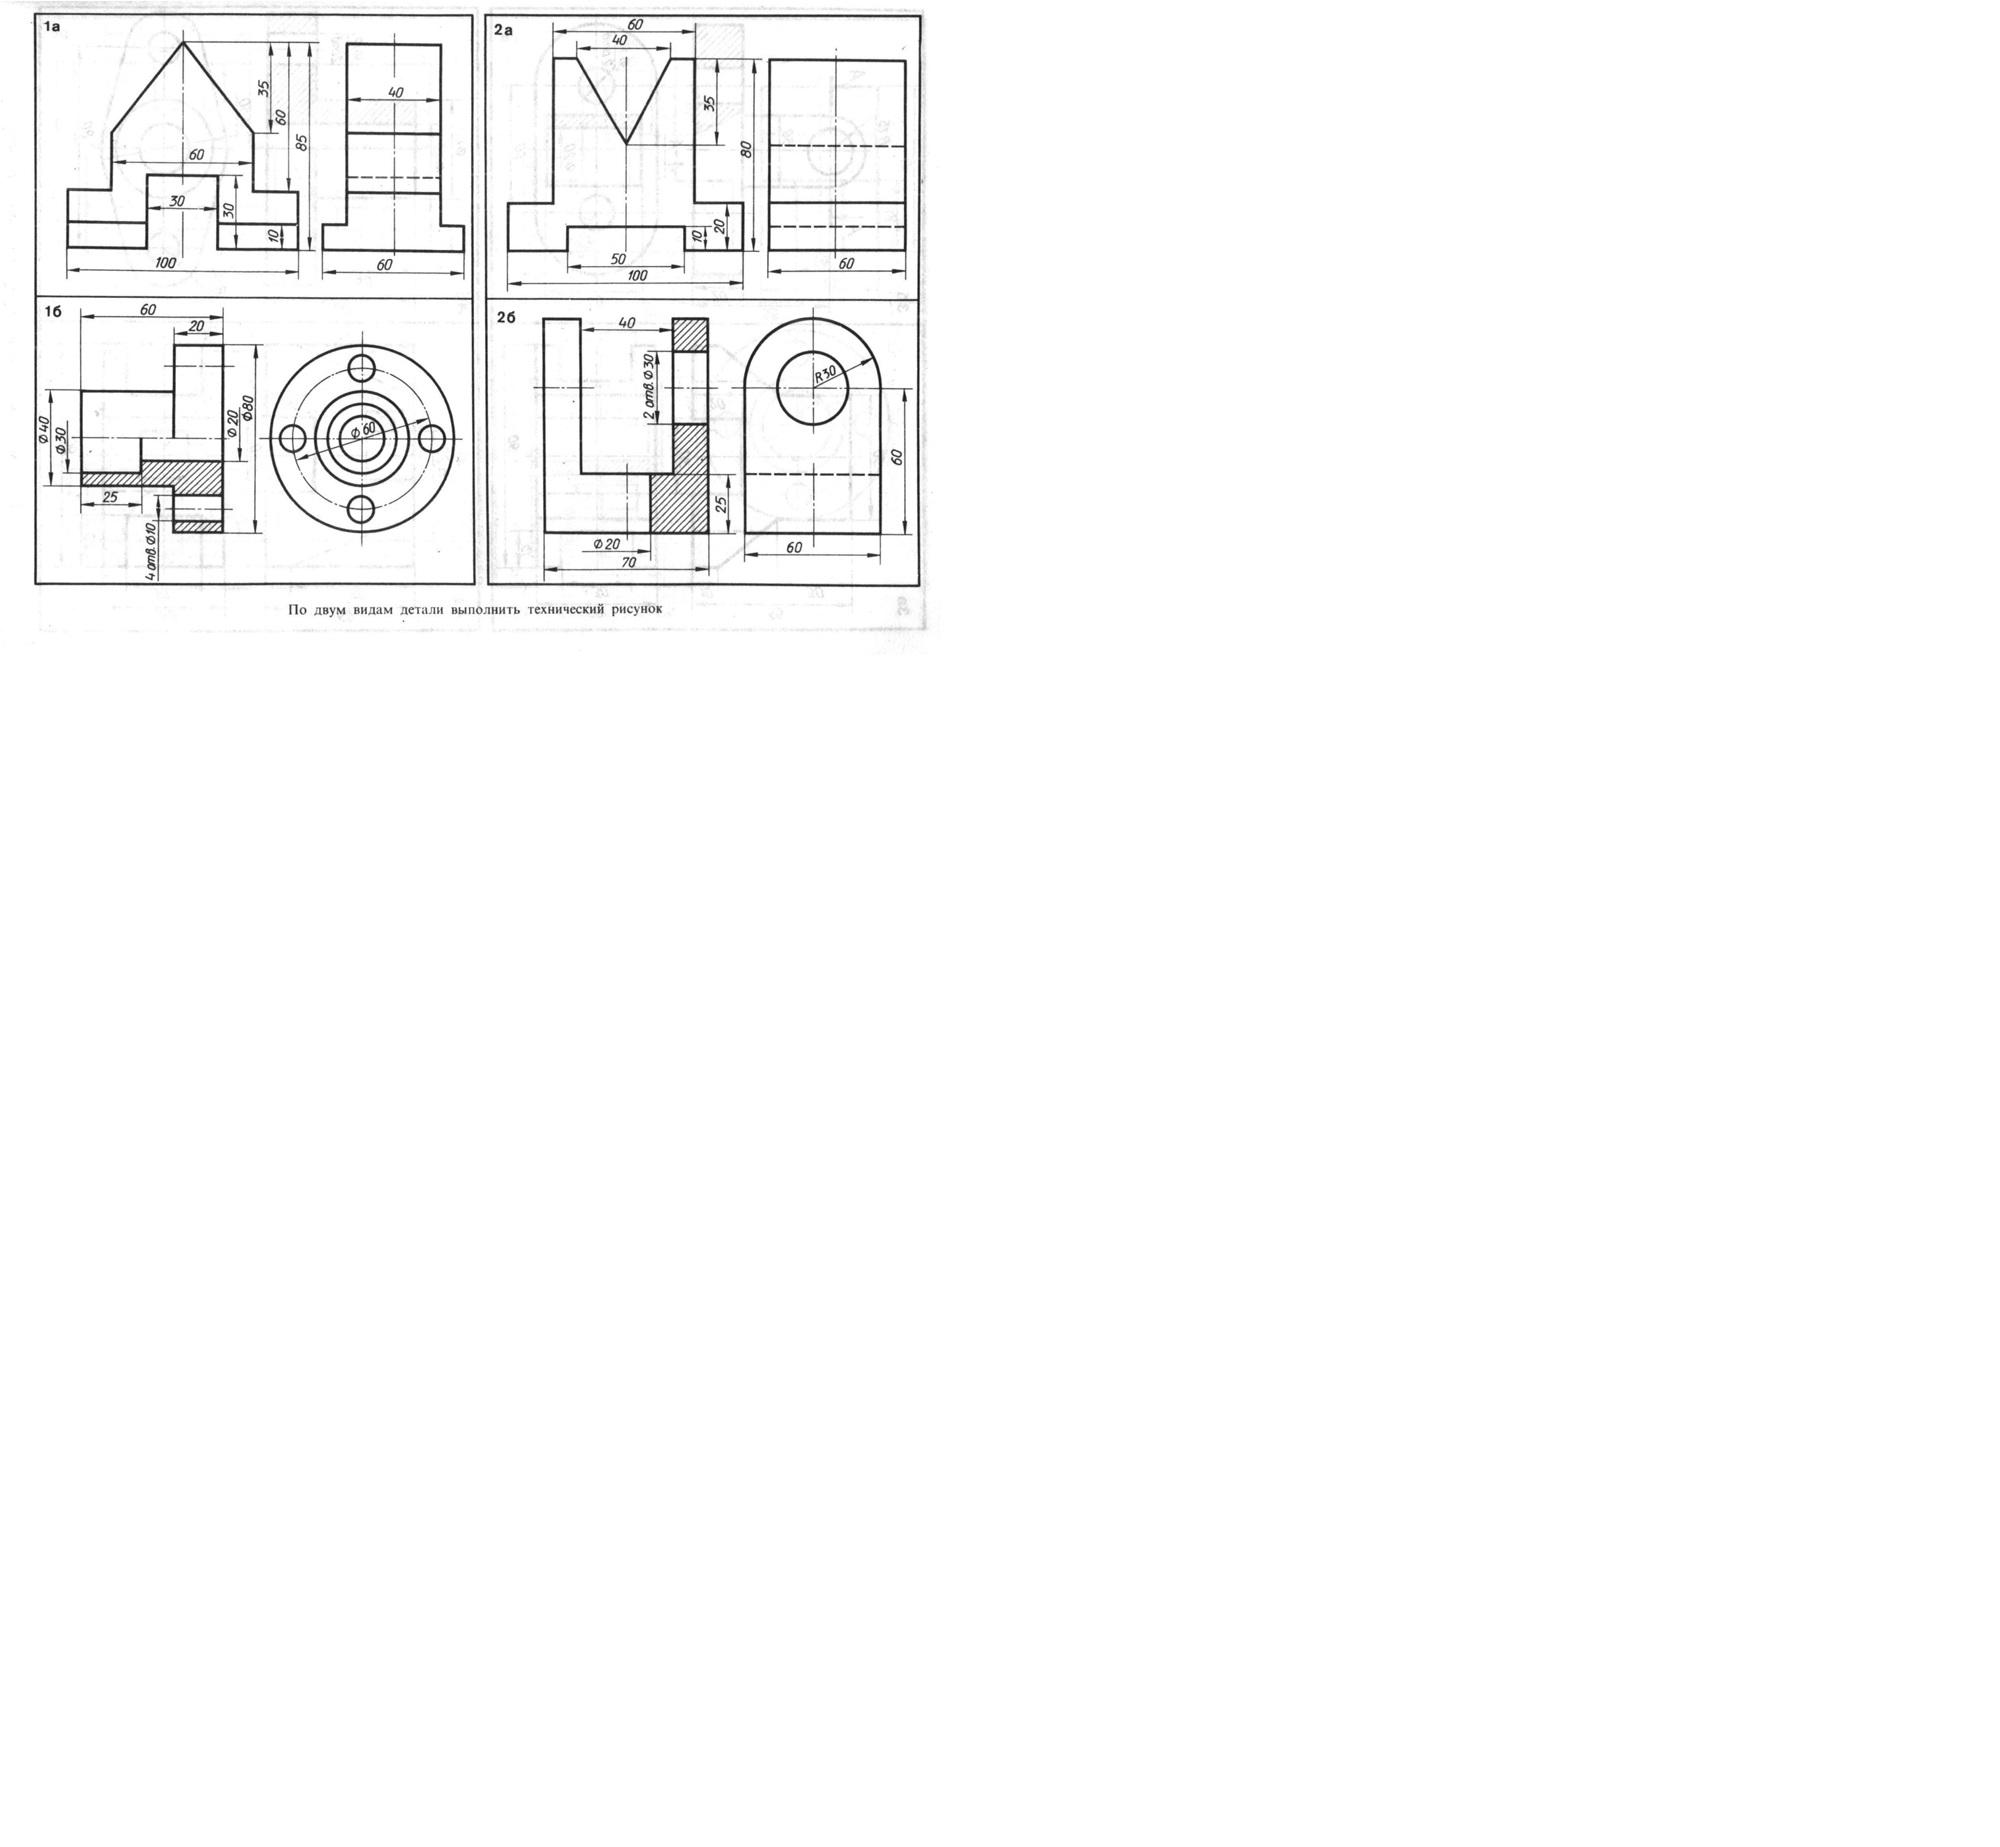 hello html 7d246a6c - На чертеже задан масштаб 2 1 как будут соотноситься линейные размеры изображения с ответ